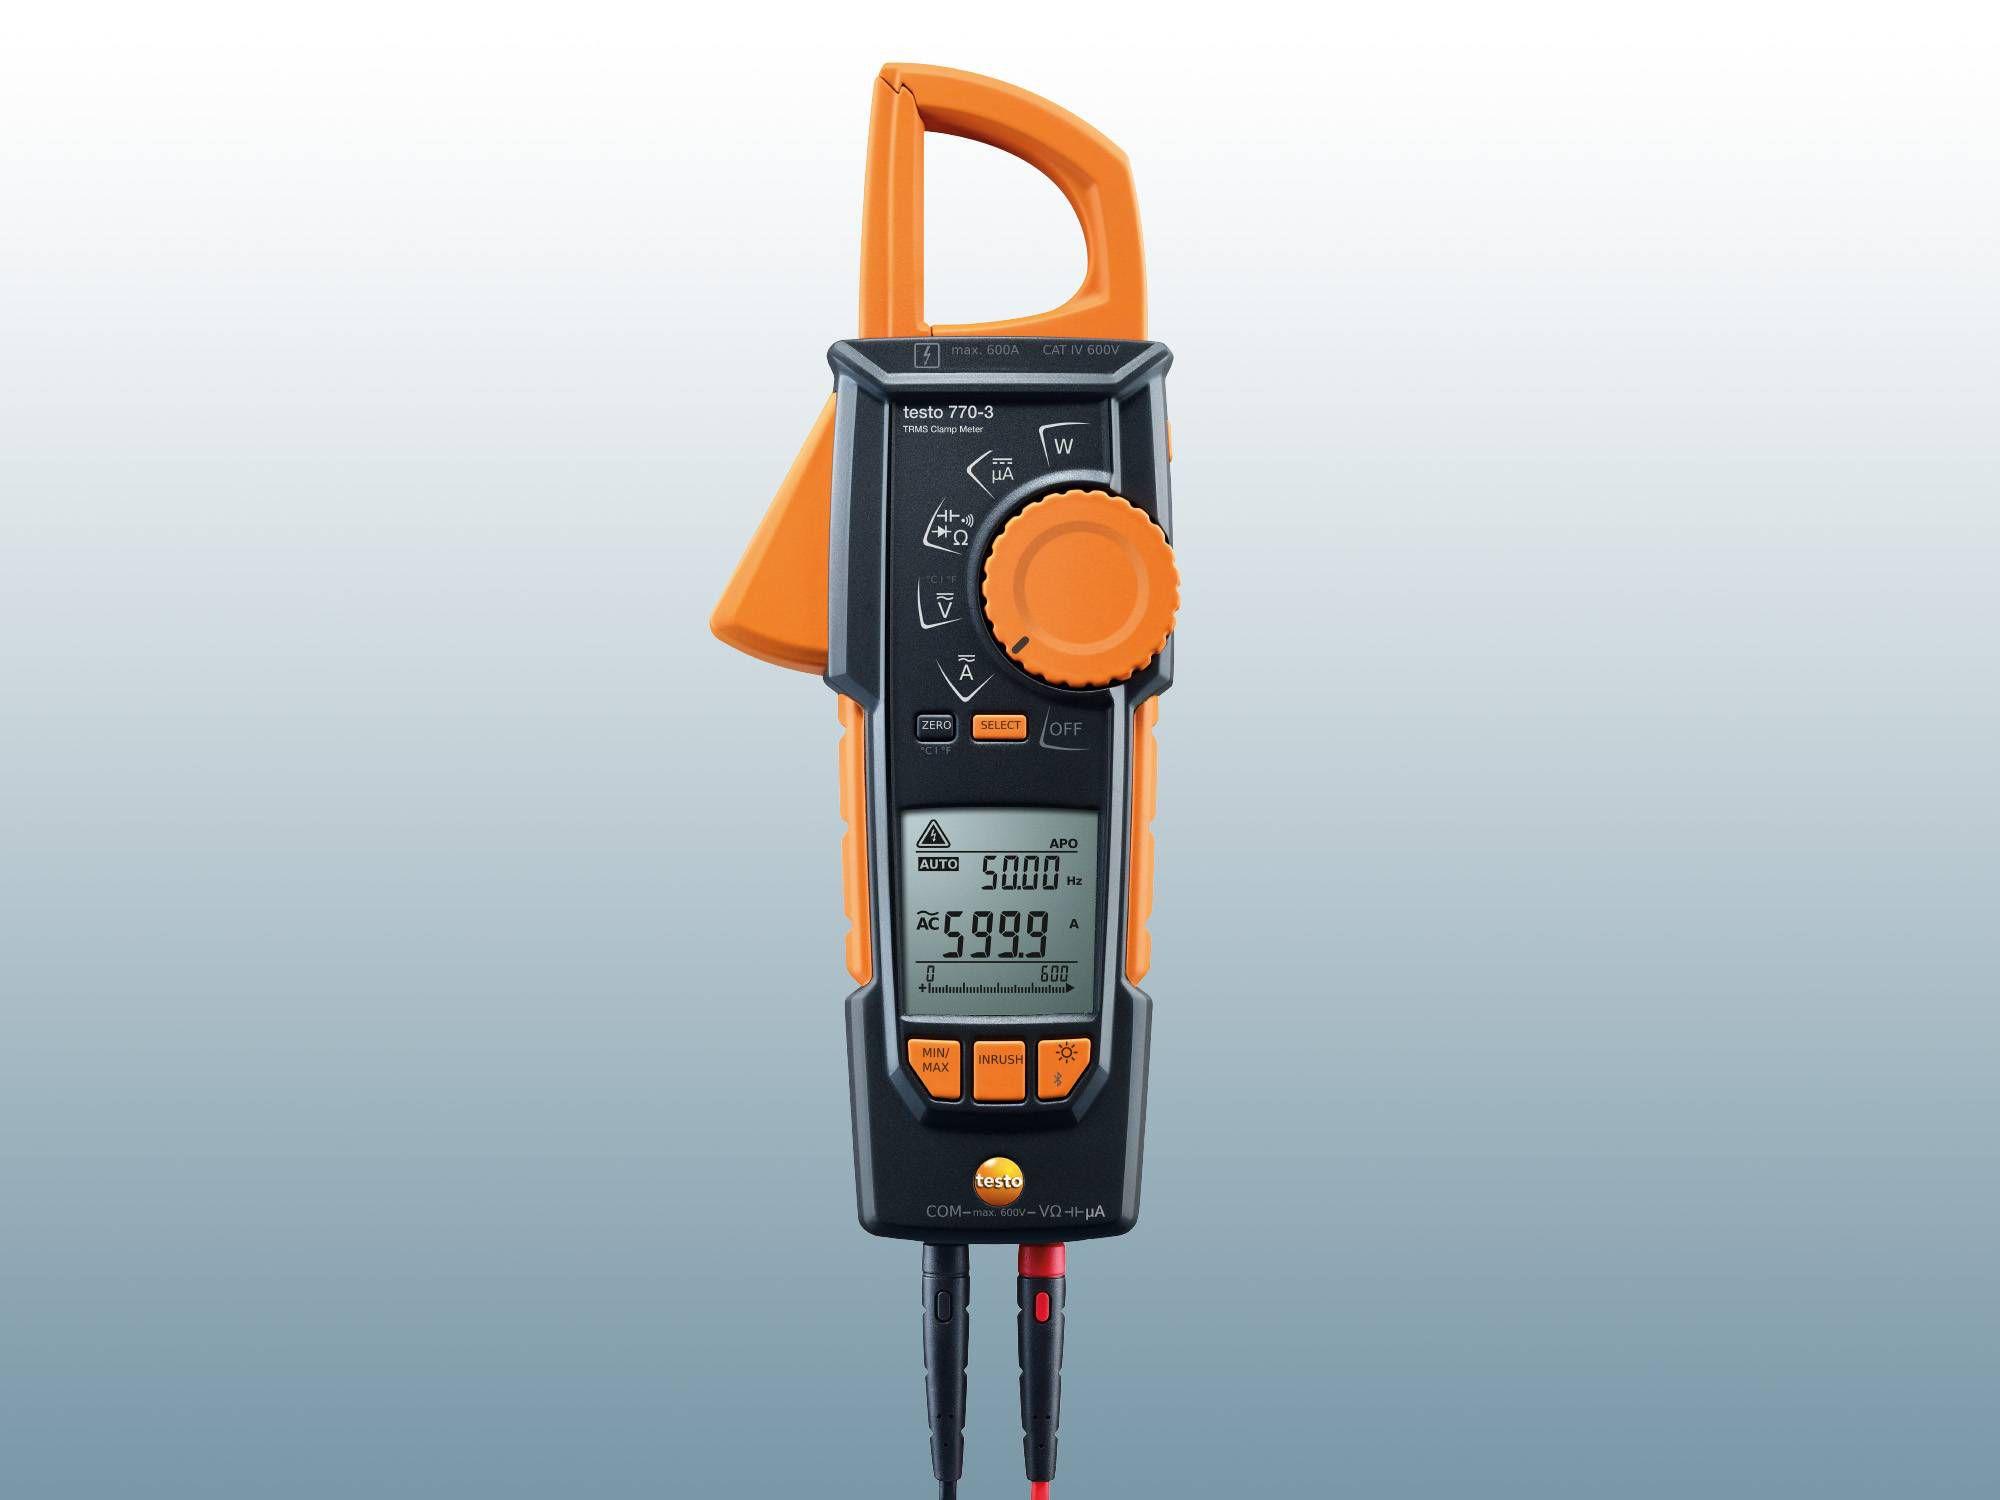 Stromzange testo 770-3